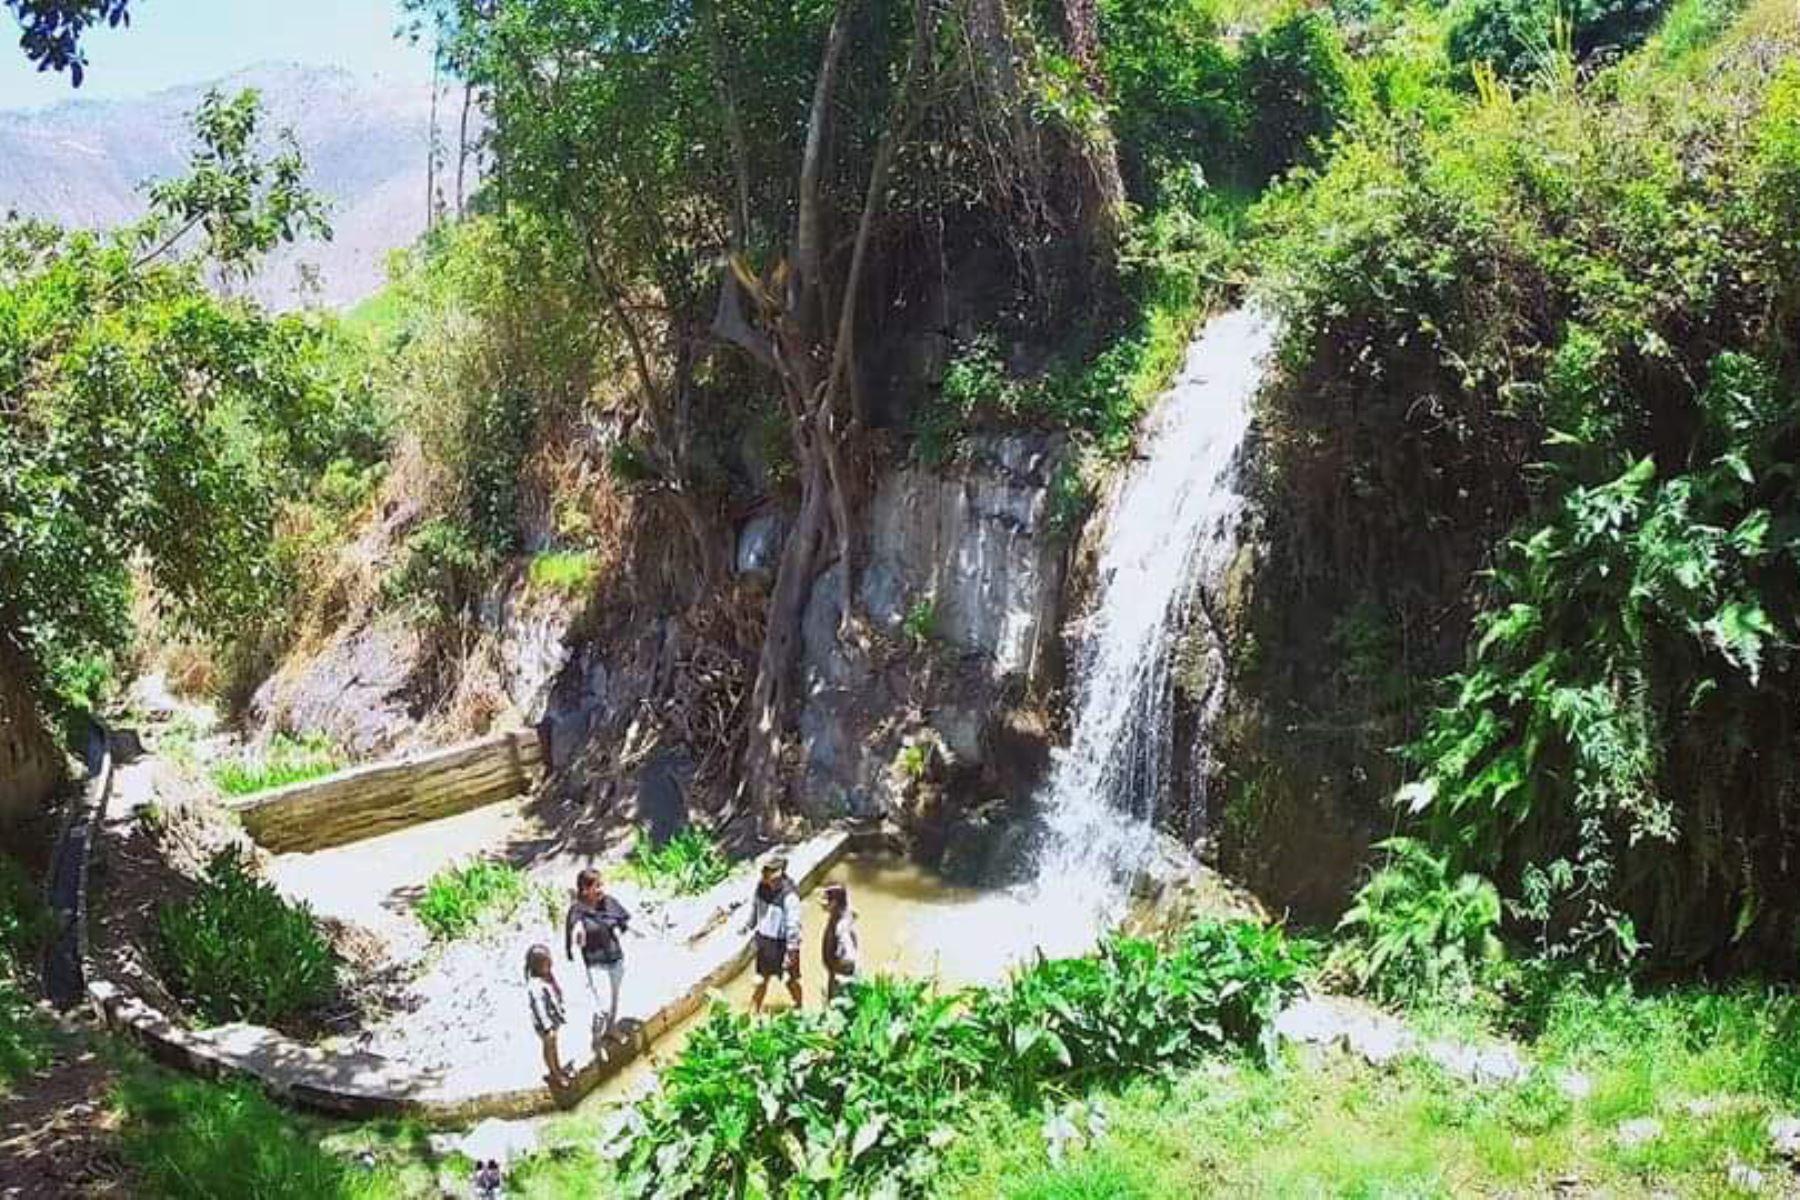 ANDINAConoce la nueva ruta turística que promociona Áncash en el caserío de Colcap, provincia del Santa. ANDINA